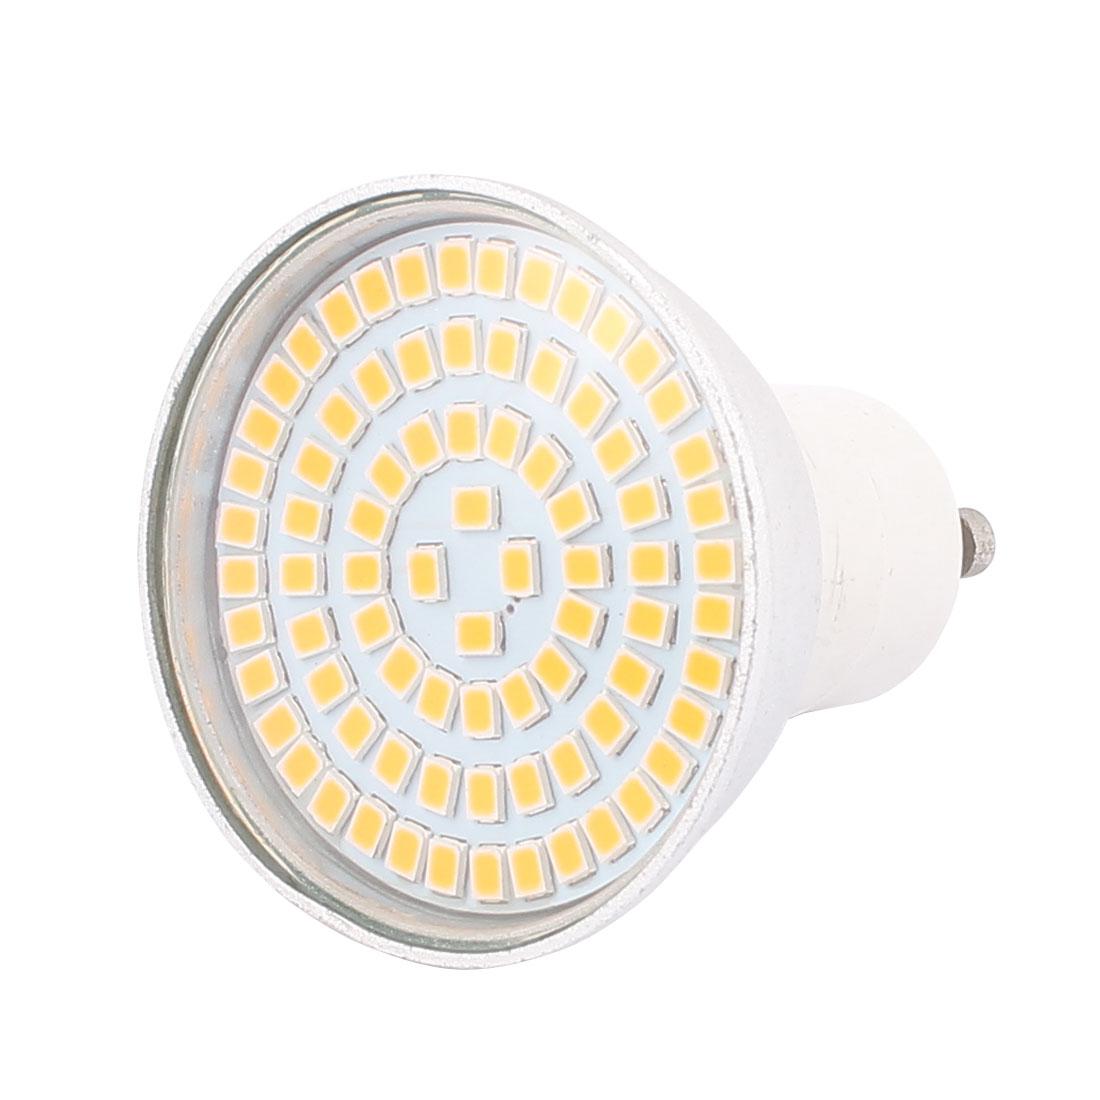 110V GU10 LED Light 8W 2835 SMD 80 LEDs Spotlight Down Lamp Energy Saving Warm White